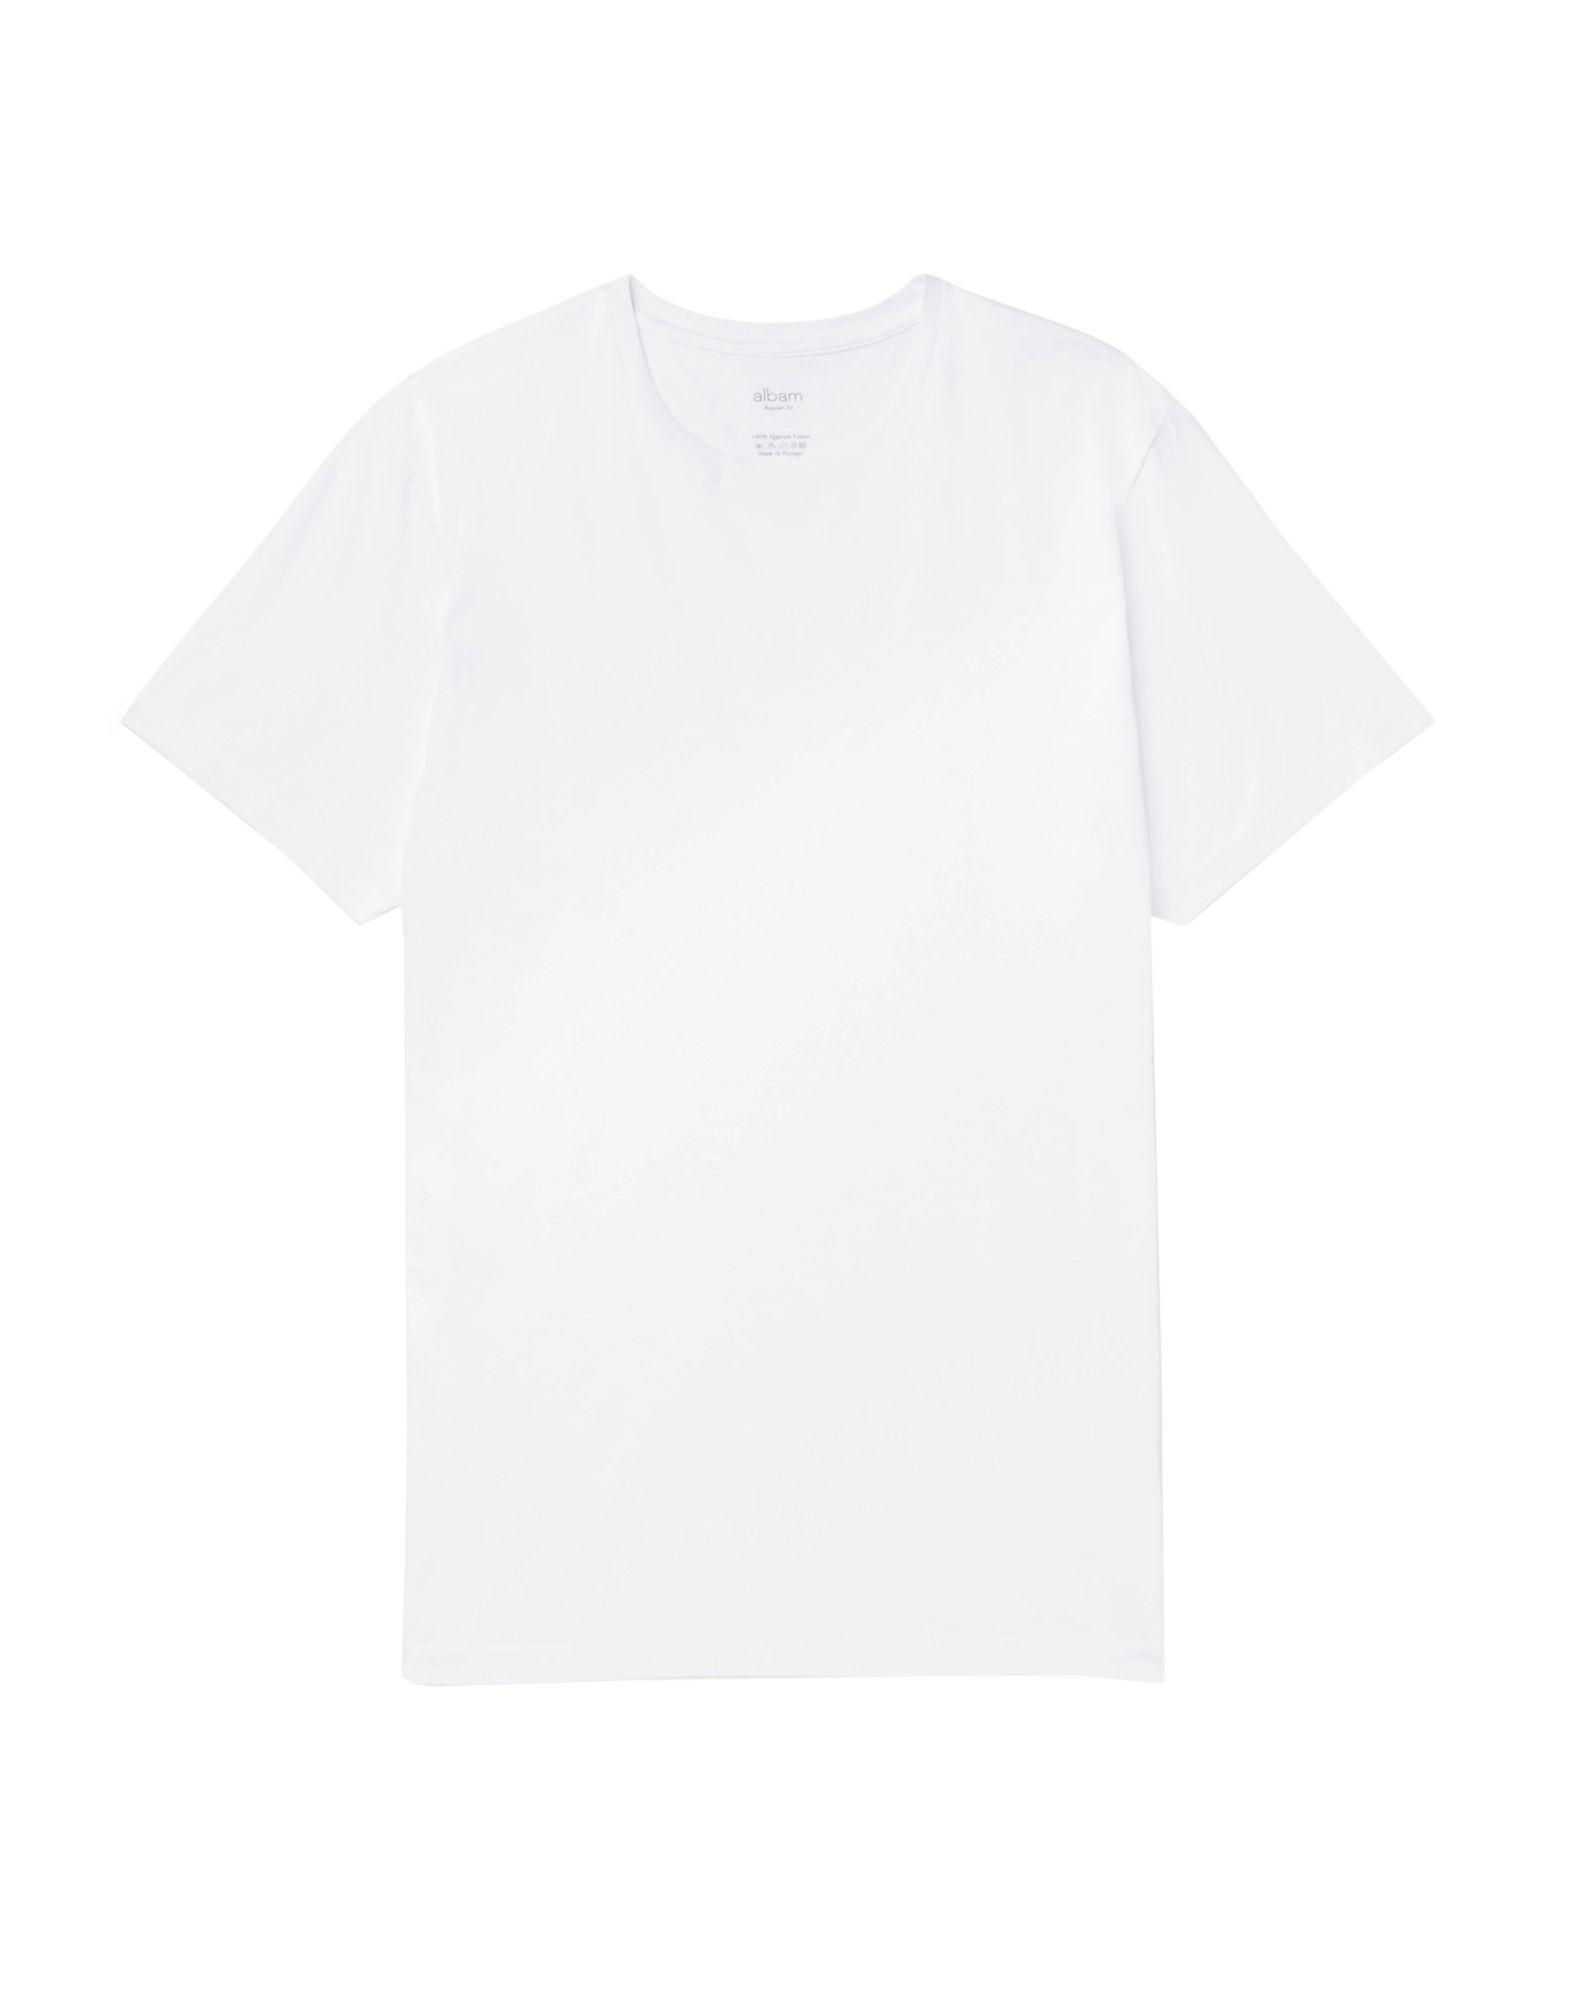 《送料無料》ALBAM メンズ T シャツ ホワイト 3 コットン